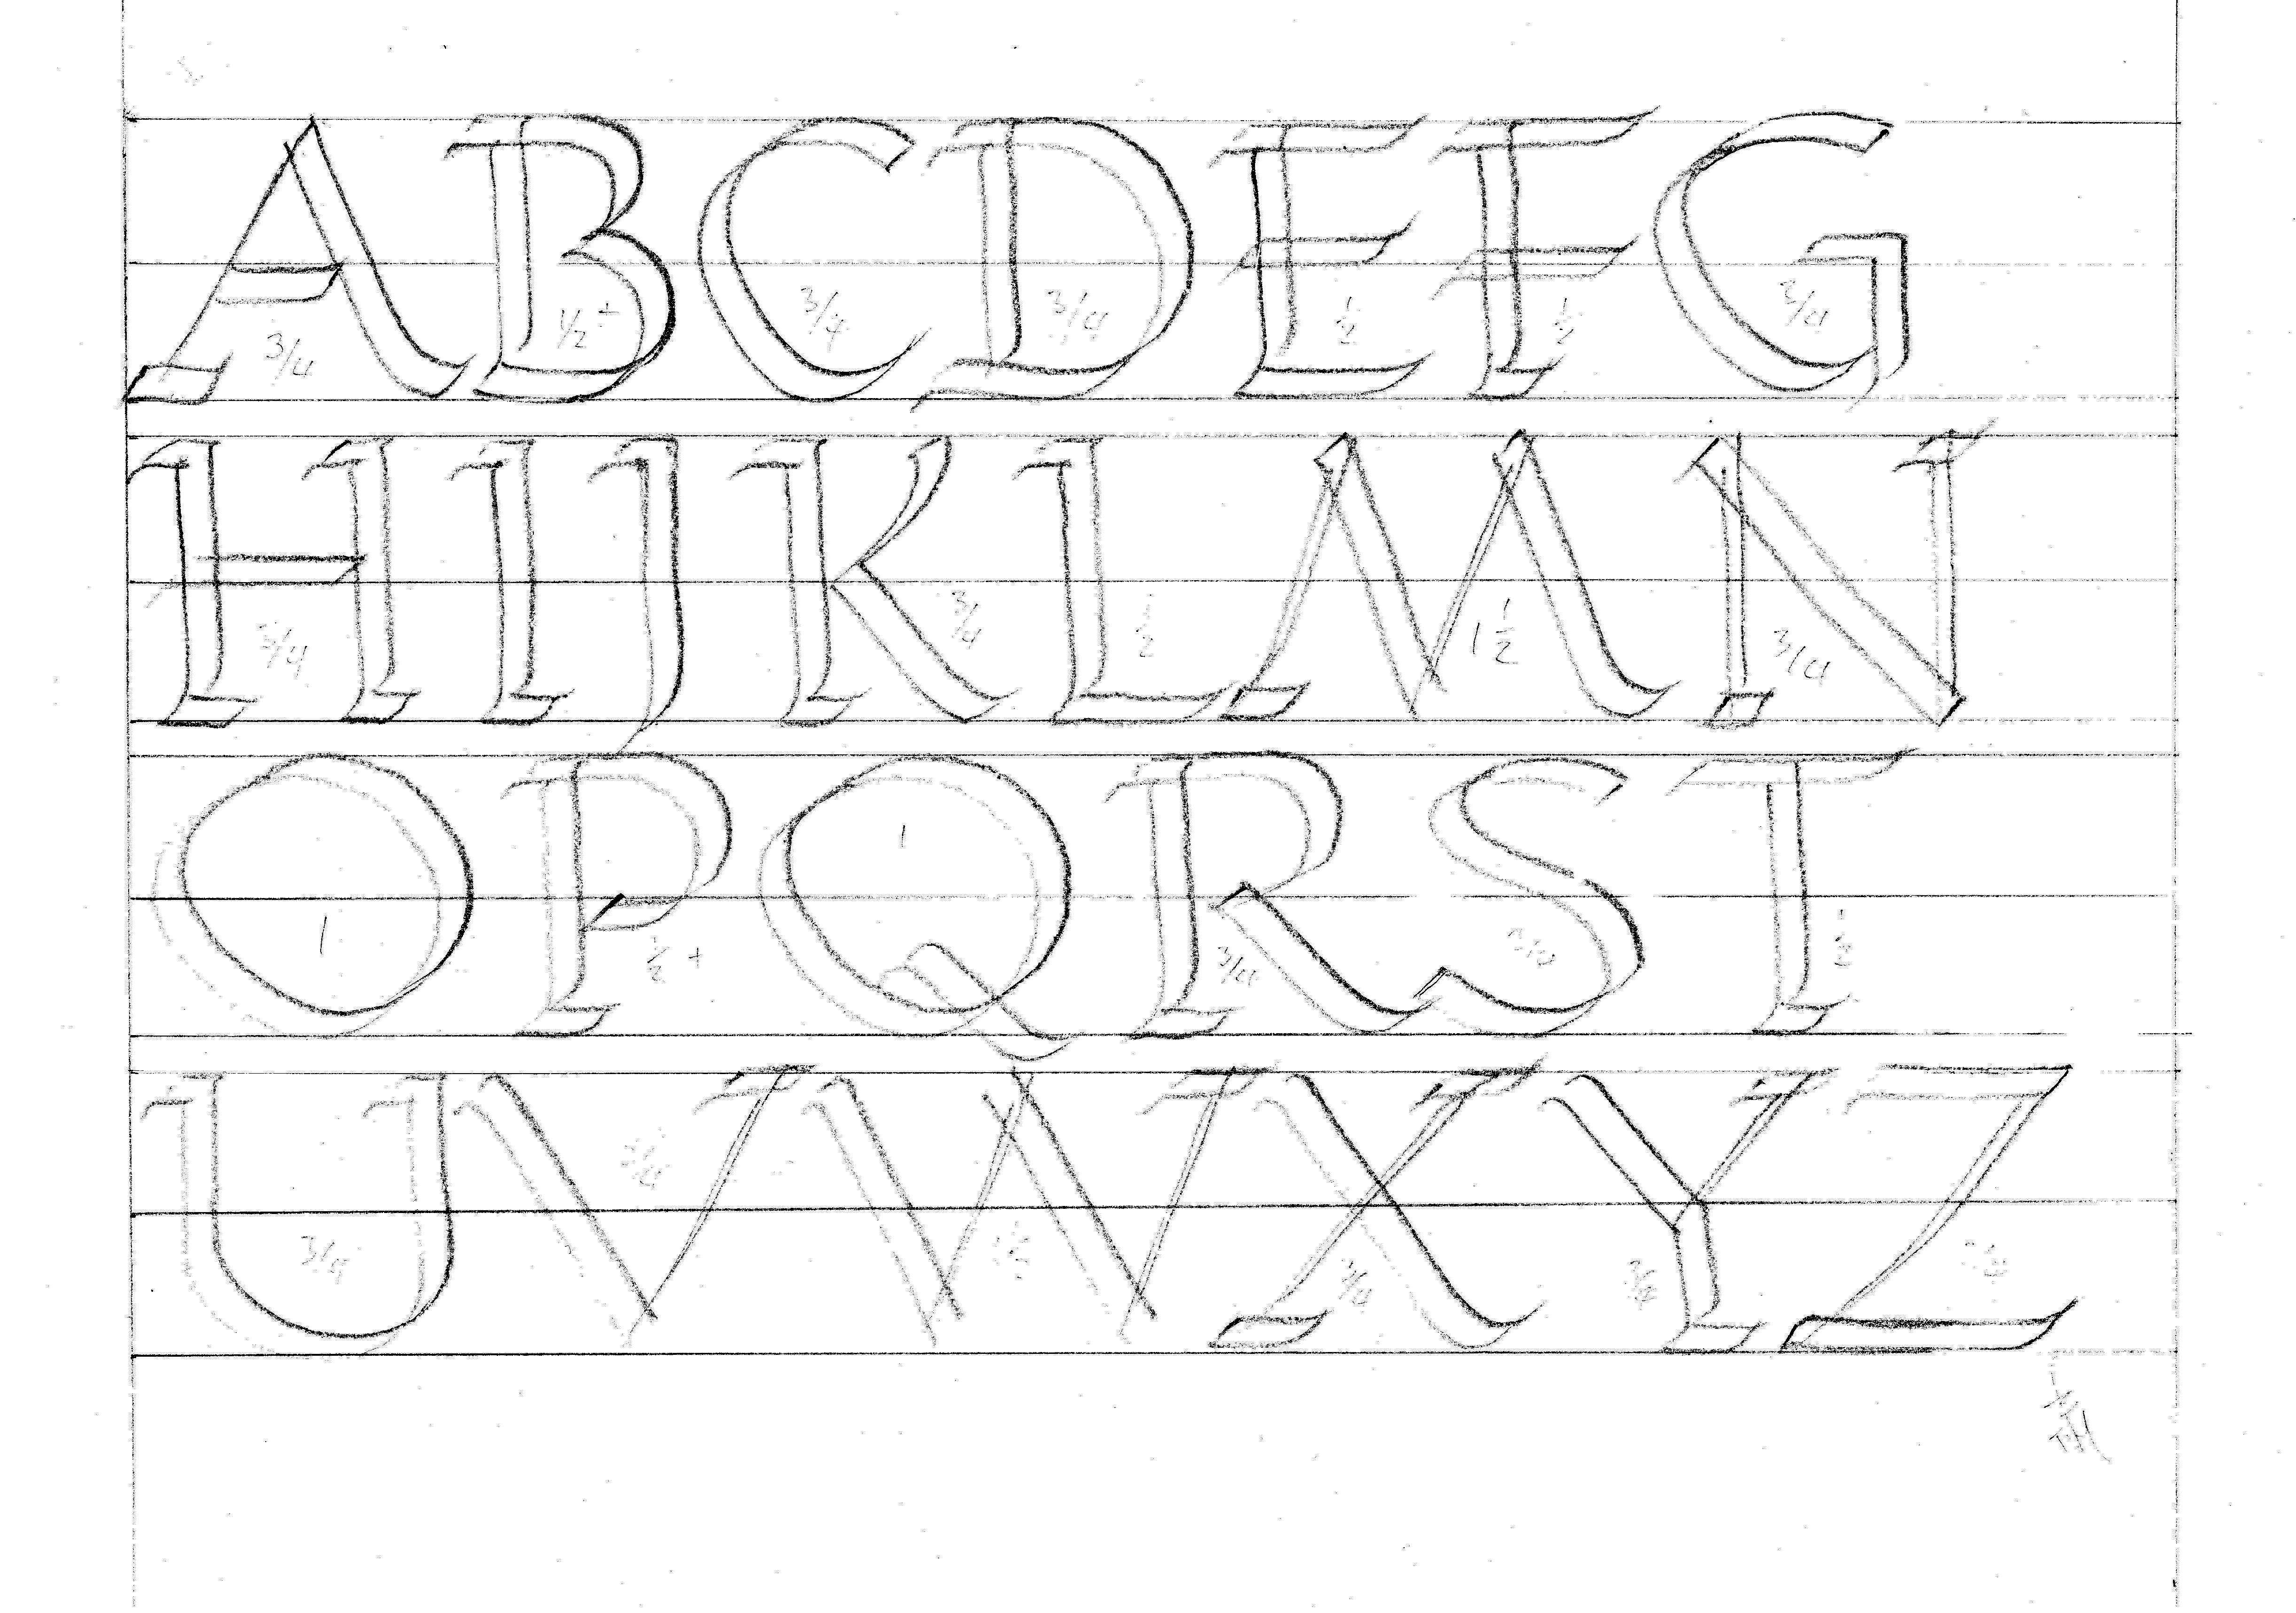 ... calligraphy italic calligraphy calligraphy fonts gothic calligraphy